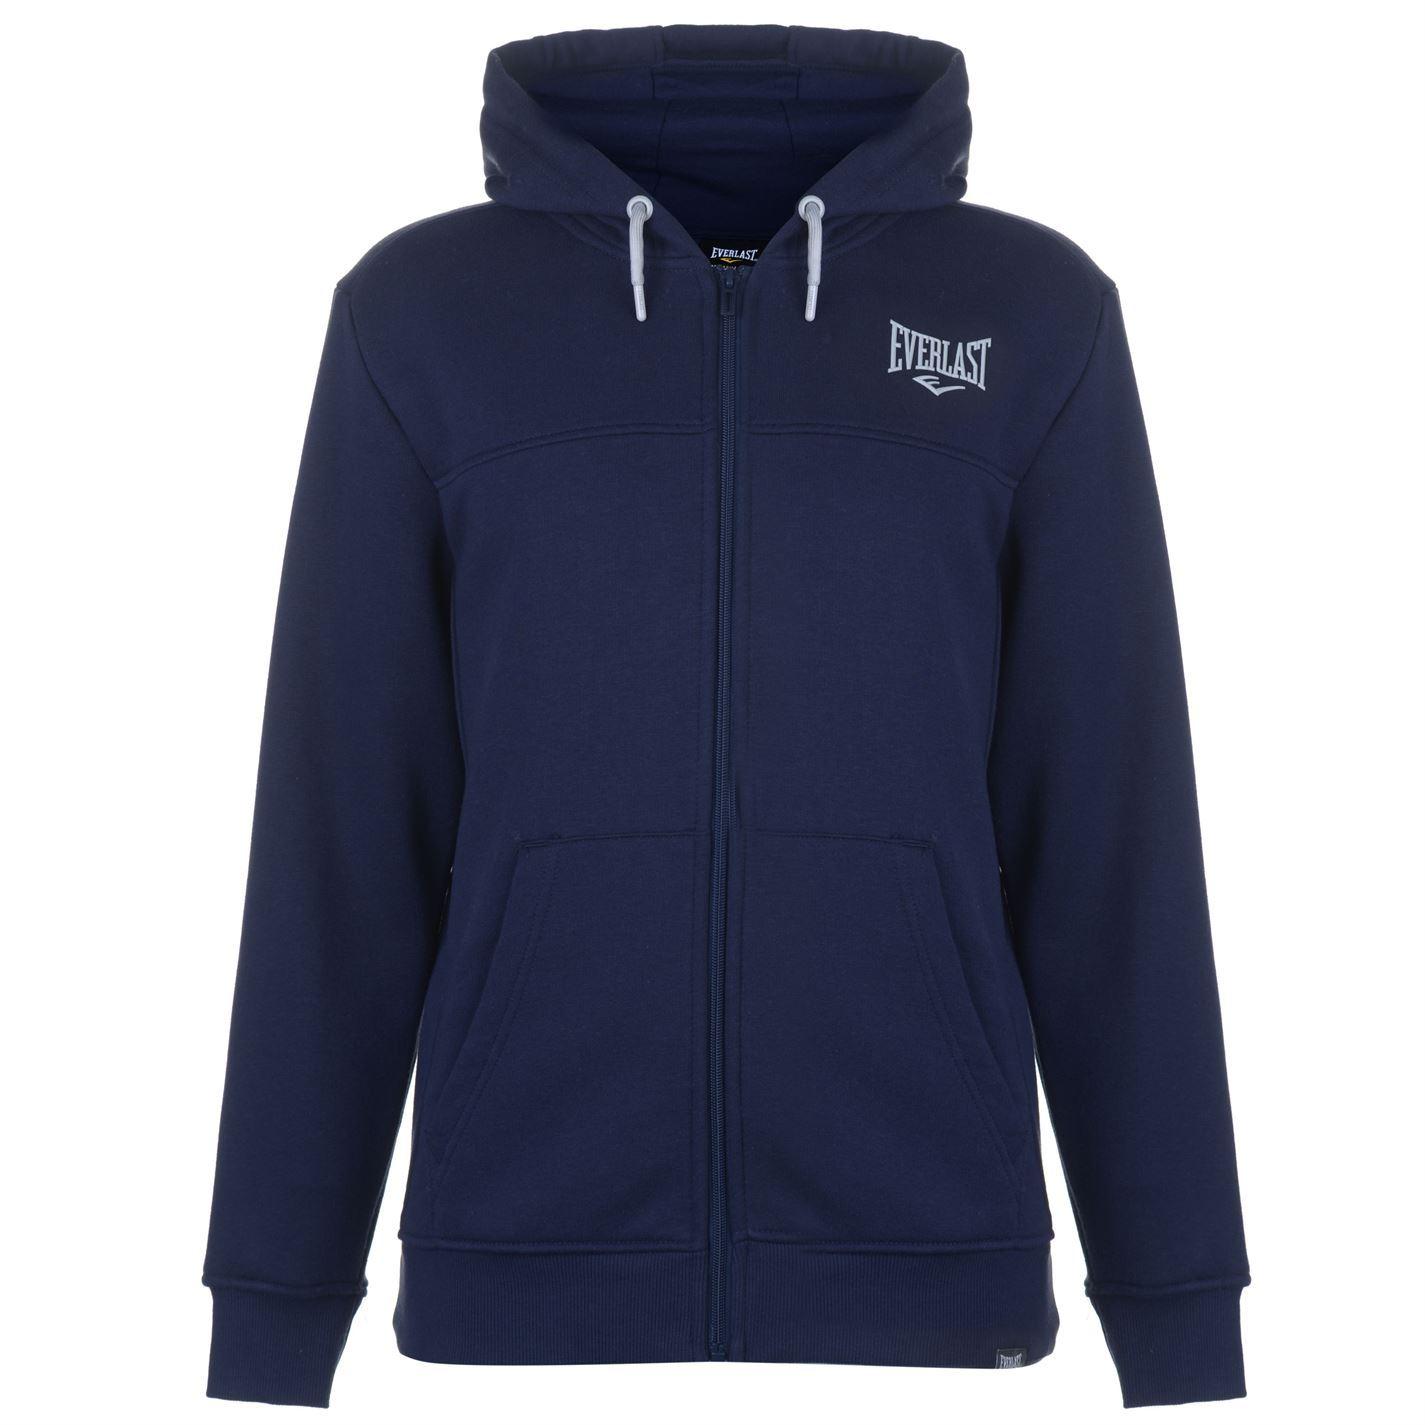 Everlast-Logo-Full-Zip-Hoody-Jacket-Mens-Hoodie-Sweatshirt-Sweater-Hooded-Top thumbnail 13